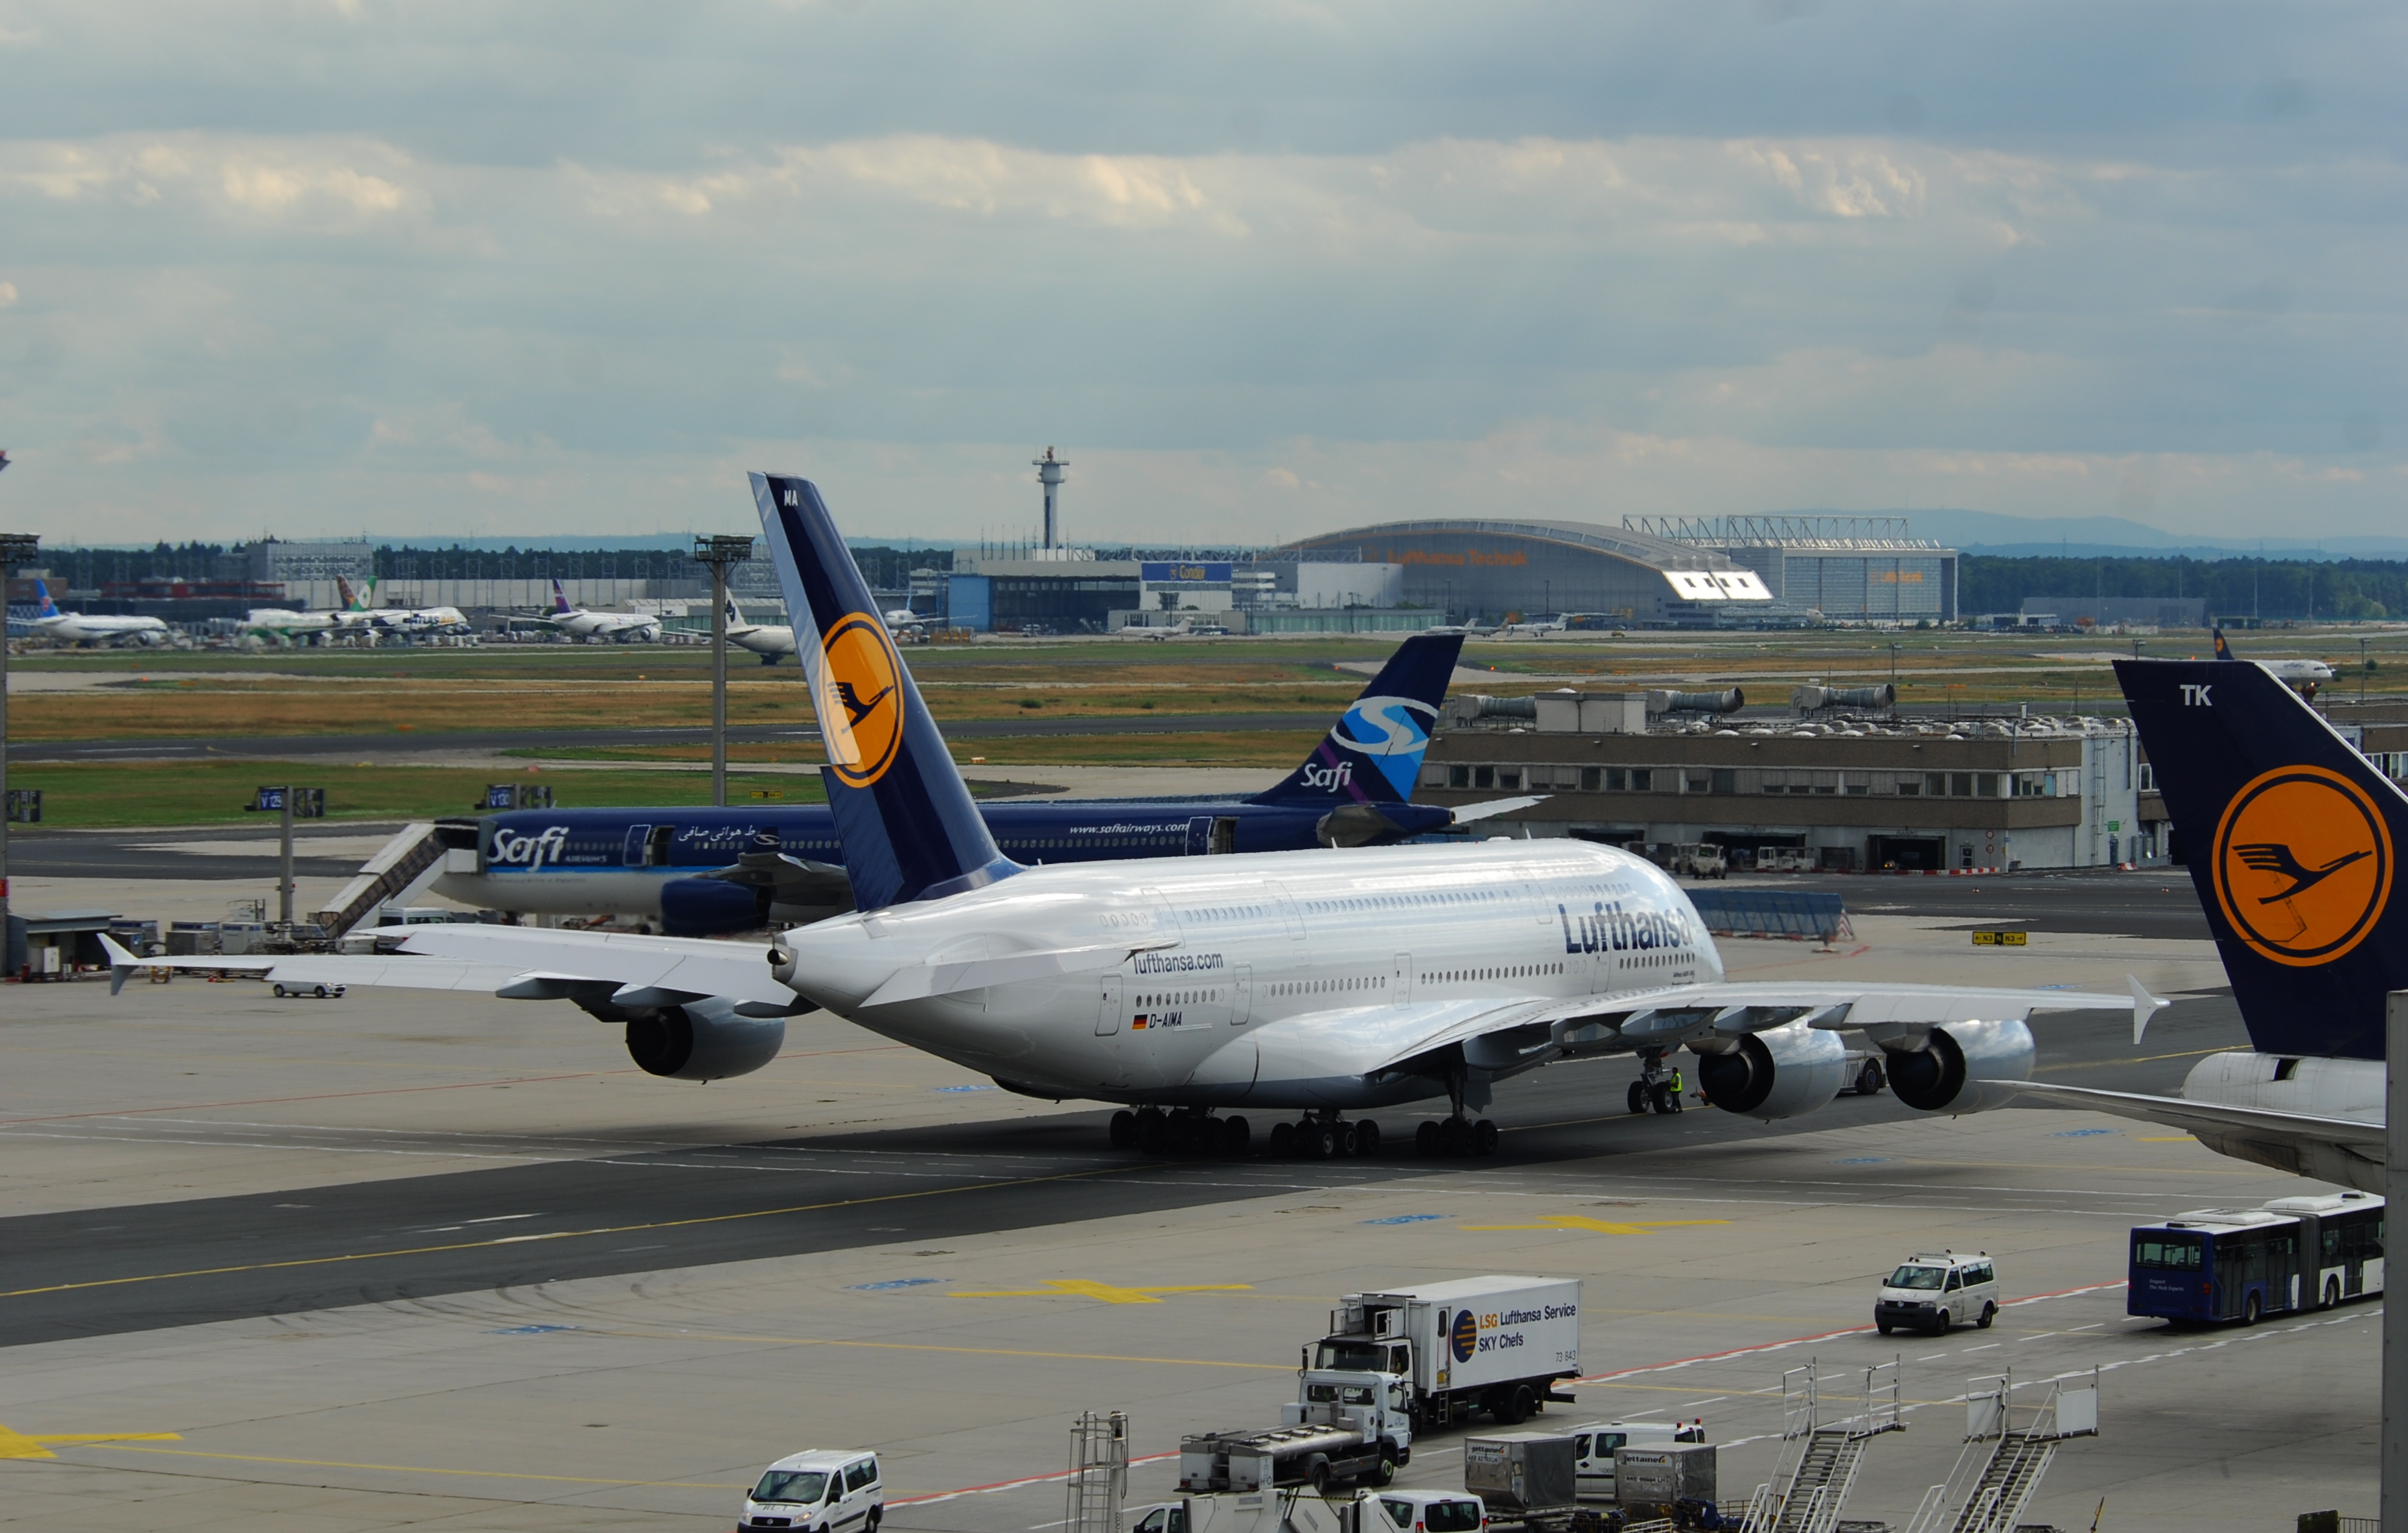 Boston Hd Wallpaper File Lufthansa Airbus A380 800 D Aima Fra 08 08 2010